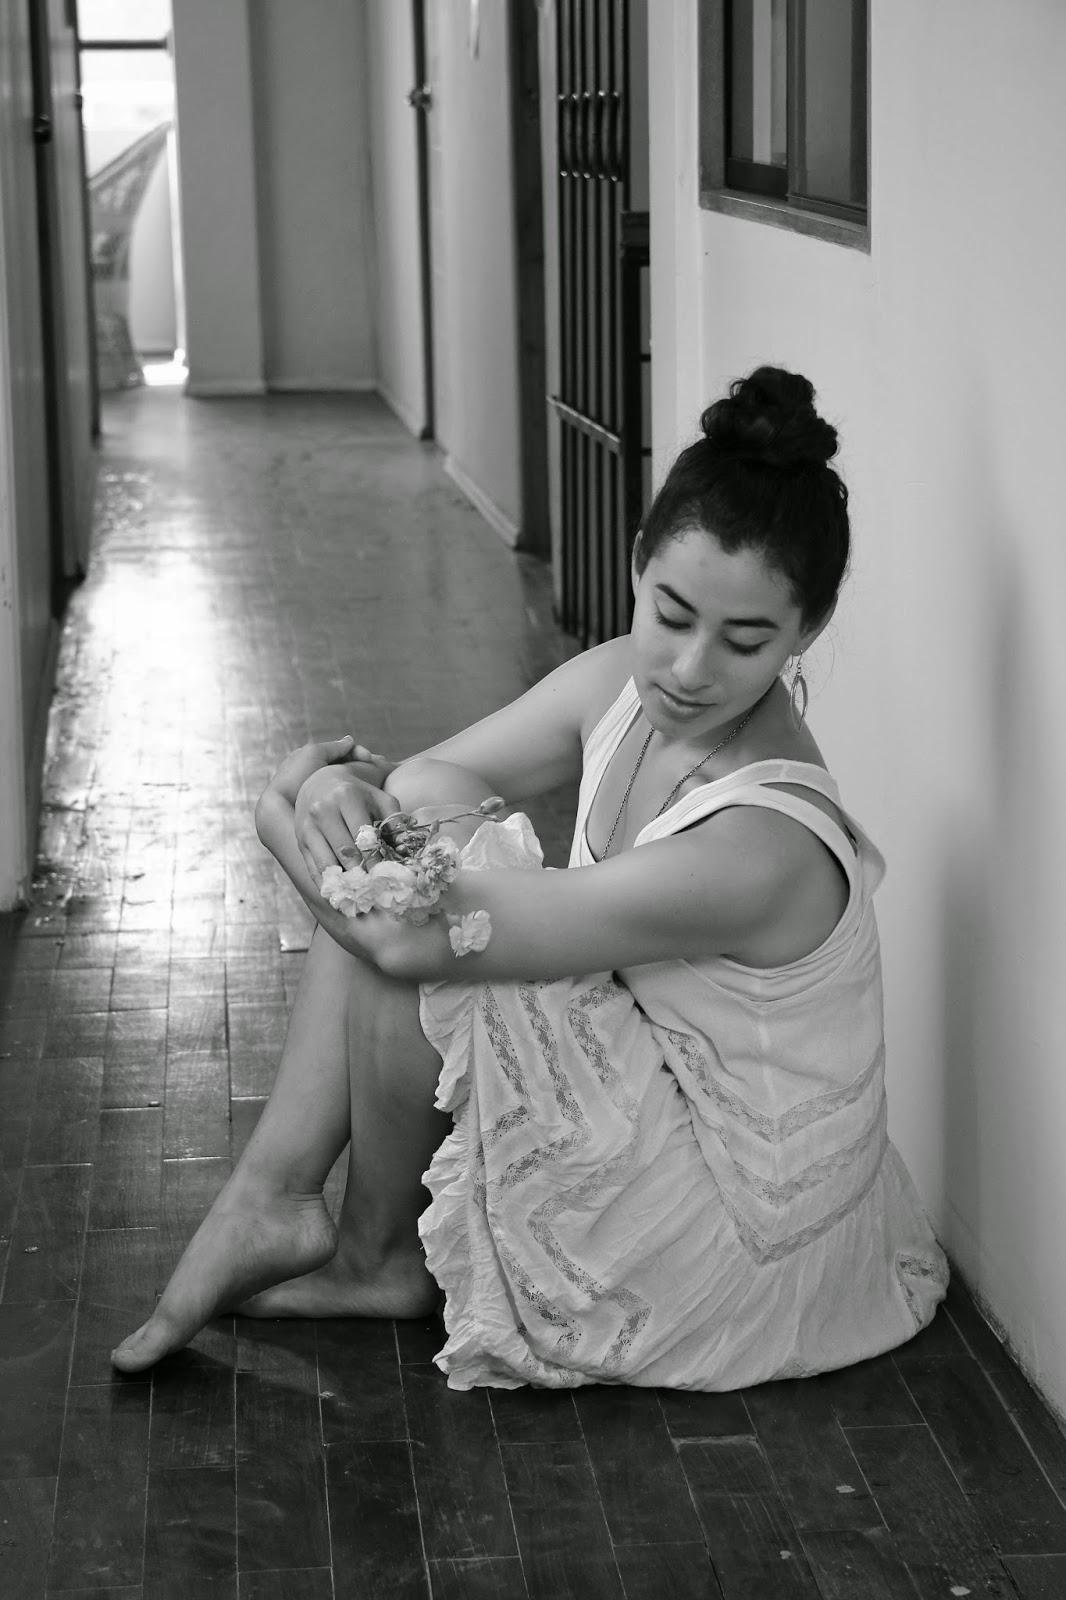 ballet inspiration, fair trade, ethical fashion